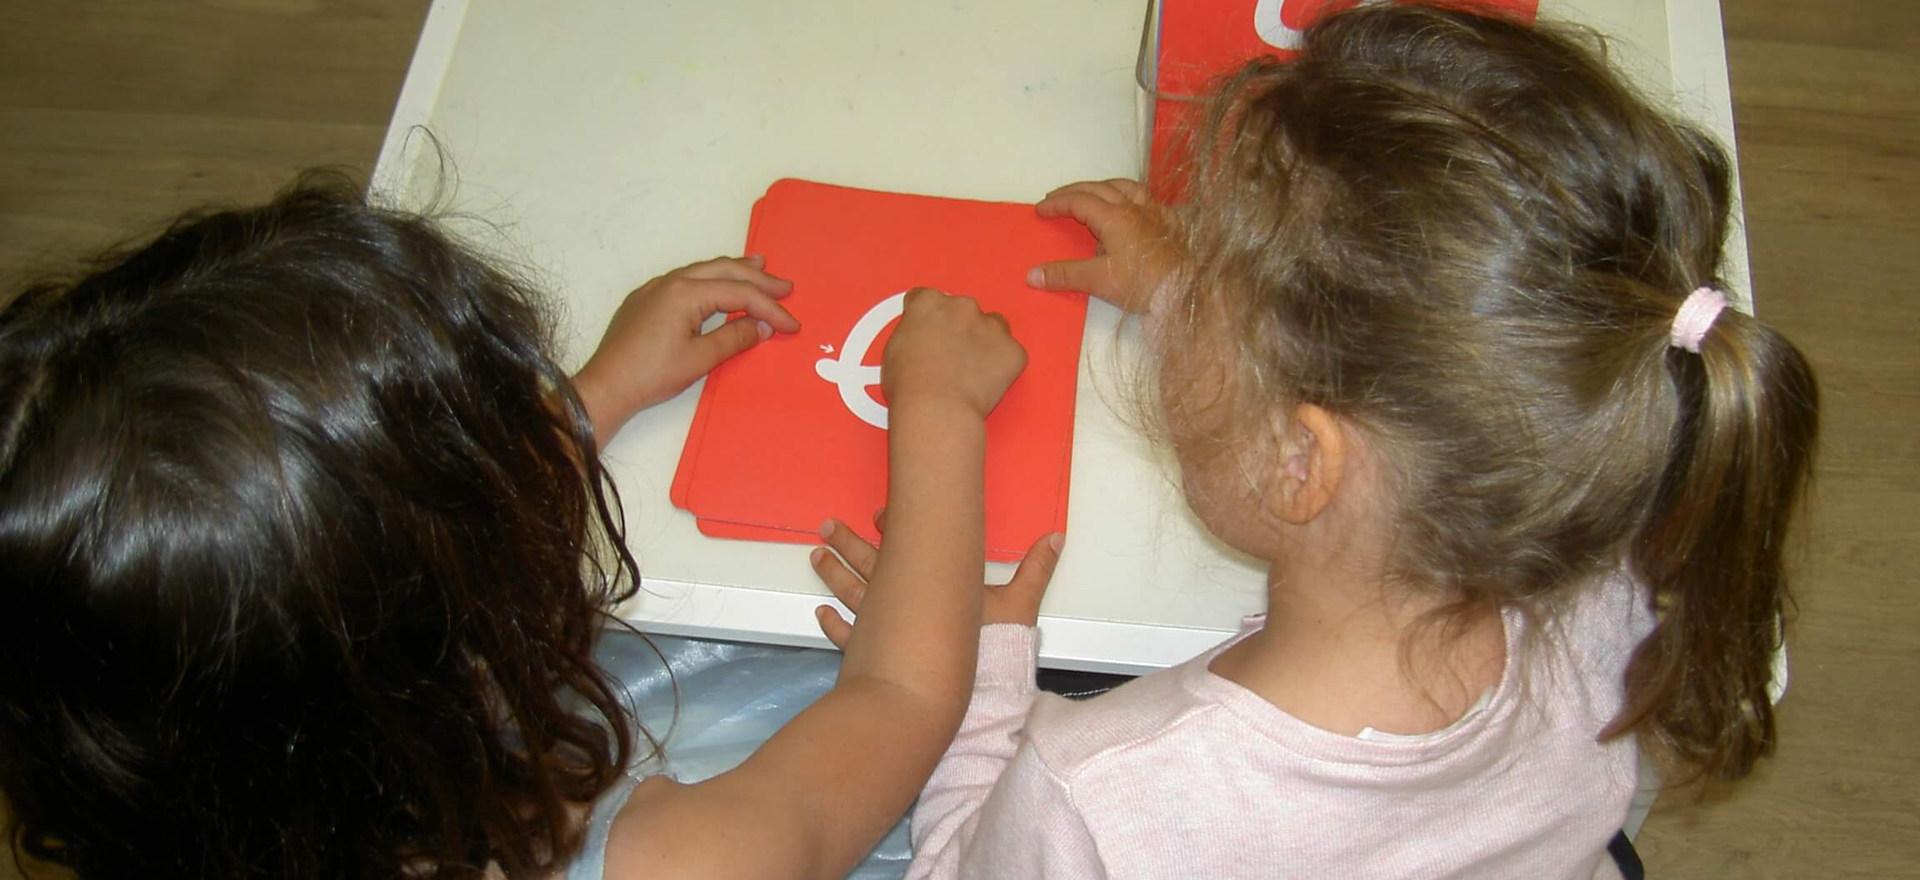 apprentissage de la lecture entre pairs